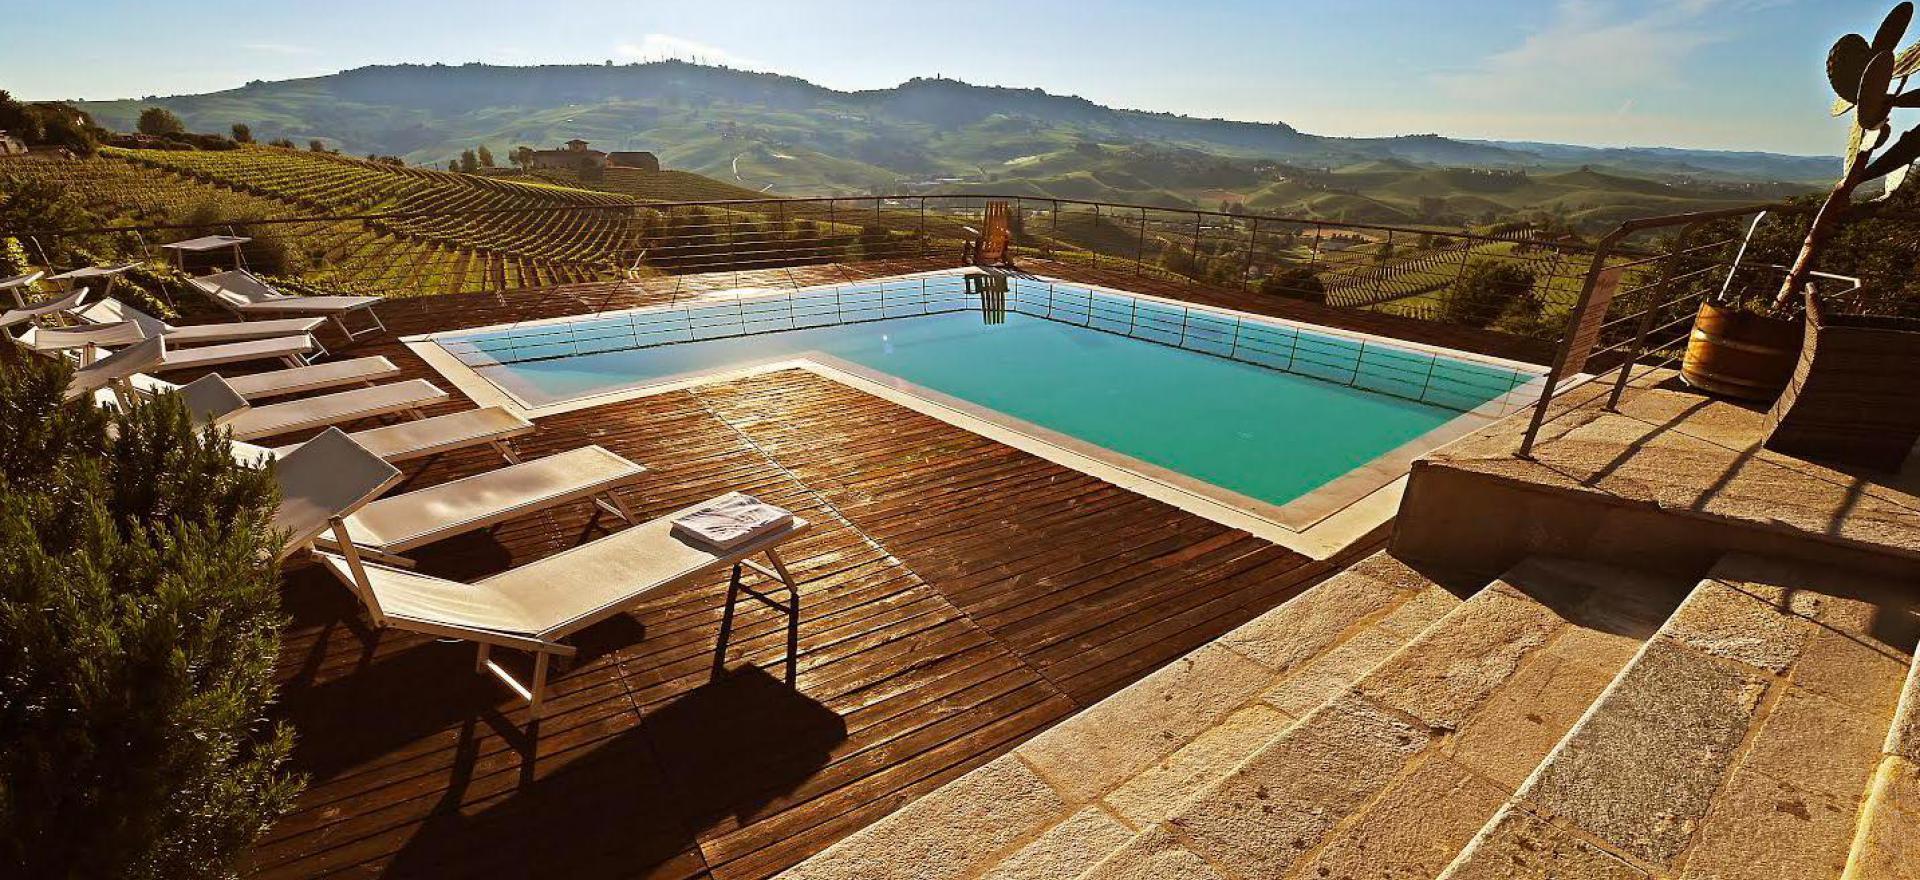 Agriturismo in Piemonte, in een karakteristiek dorpje